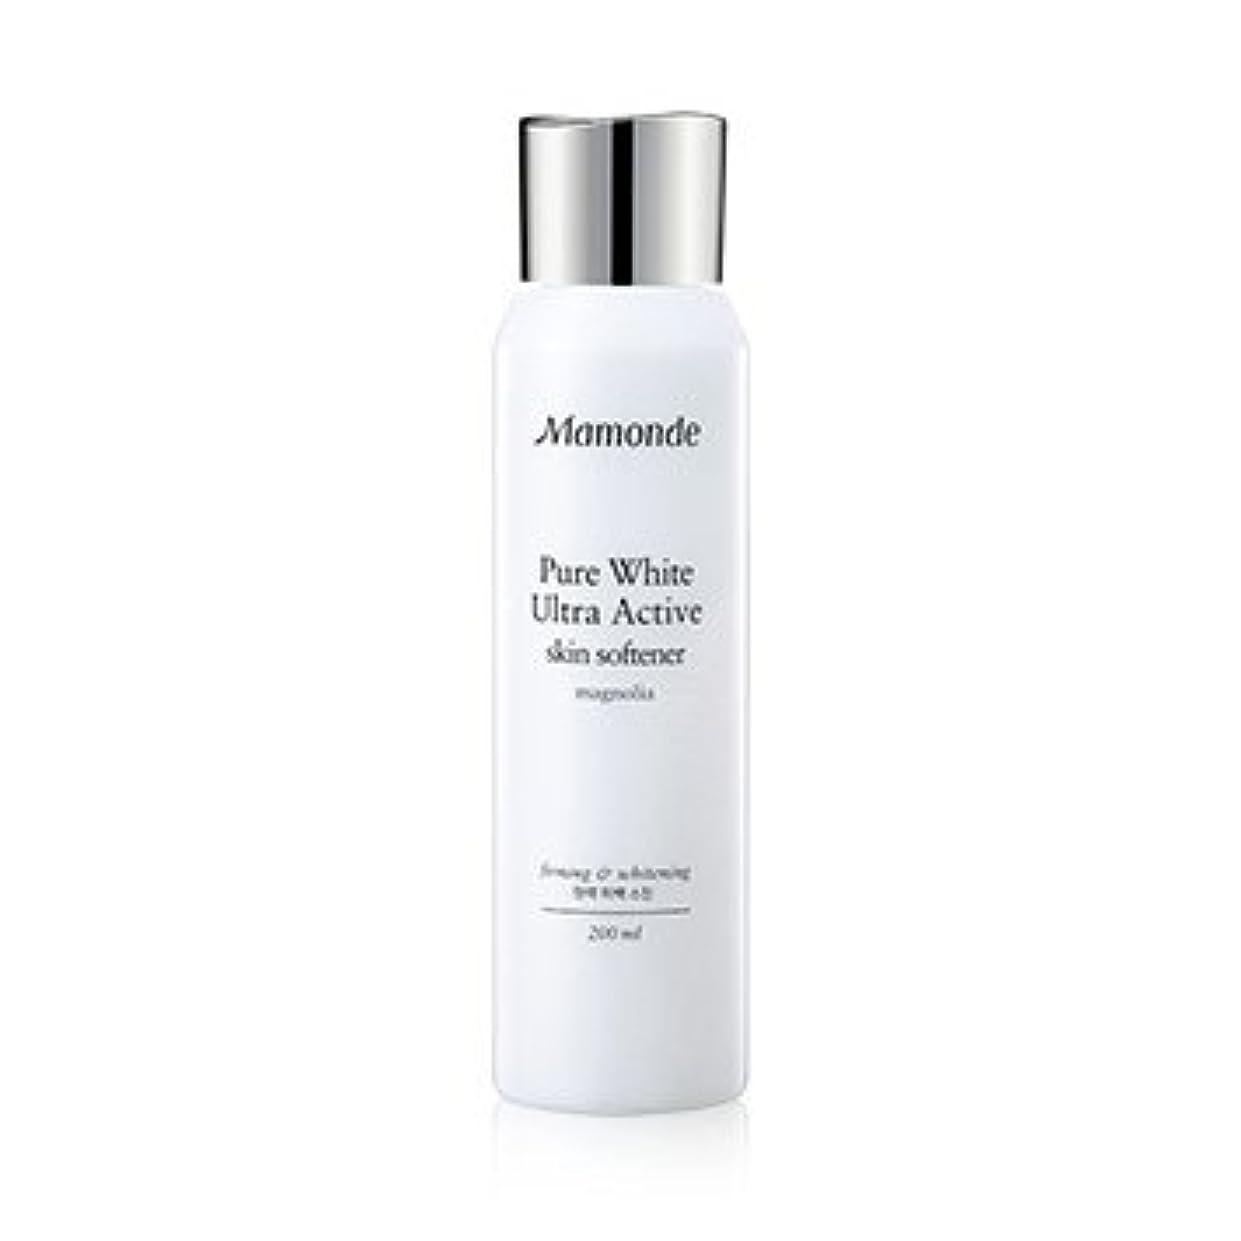 教道受け皿Mamonde Pure White Ultra Active Skin Softener 200ml/マモンド ピュア ホワイト ウルトラ アクティブ スキン ソフナー 200ml [並行輸入品]